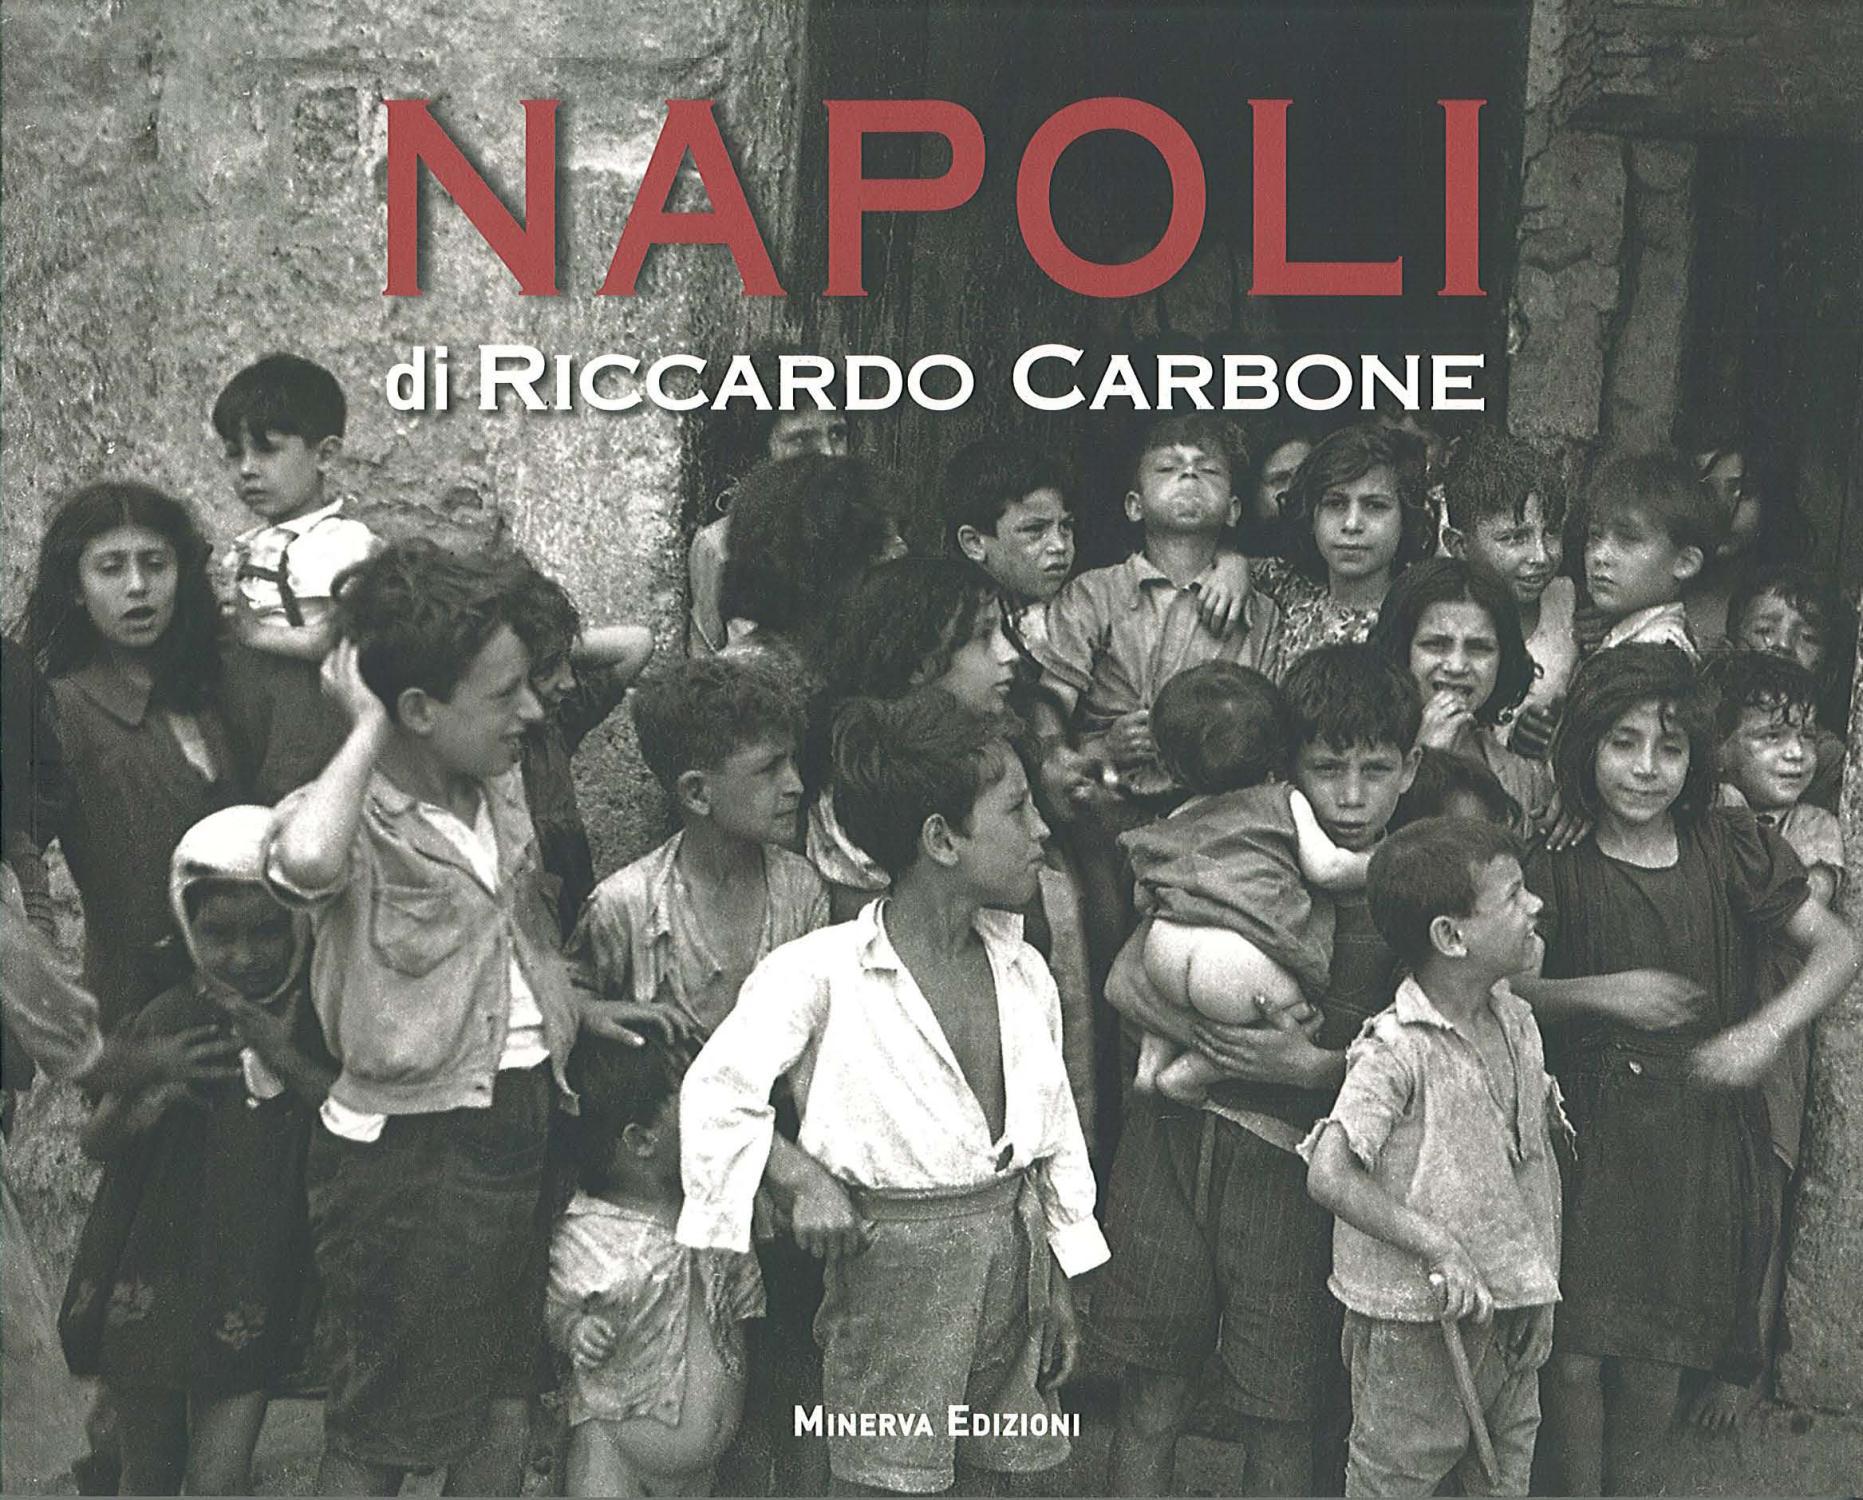 Napoli. Di riccardo carbone. 40 anni di storia nelle immagini di un grande fotoreporter napoletano - Carbone Riccardo